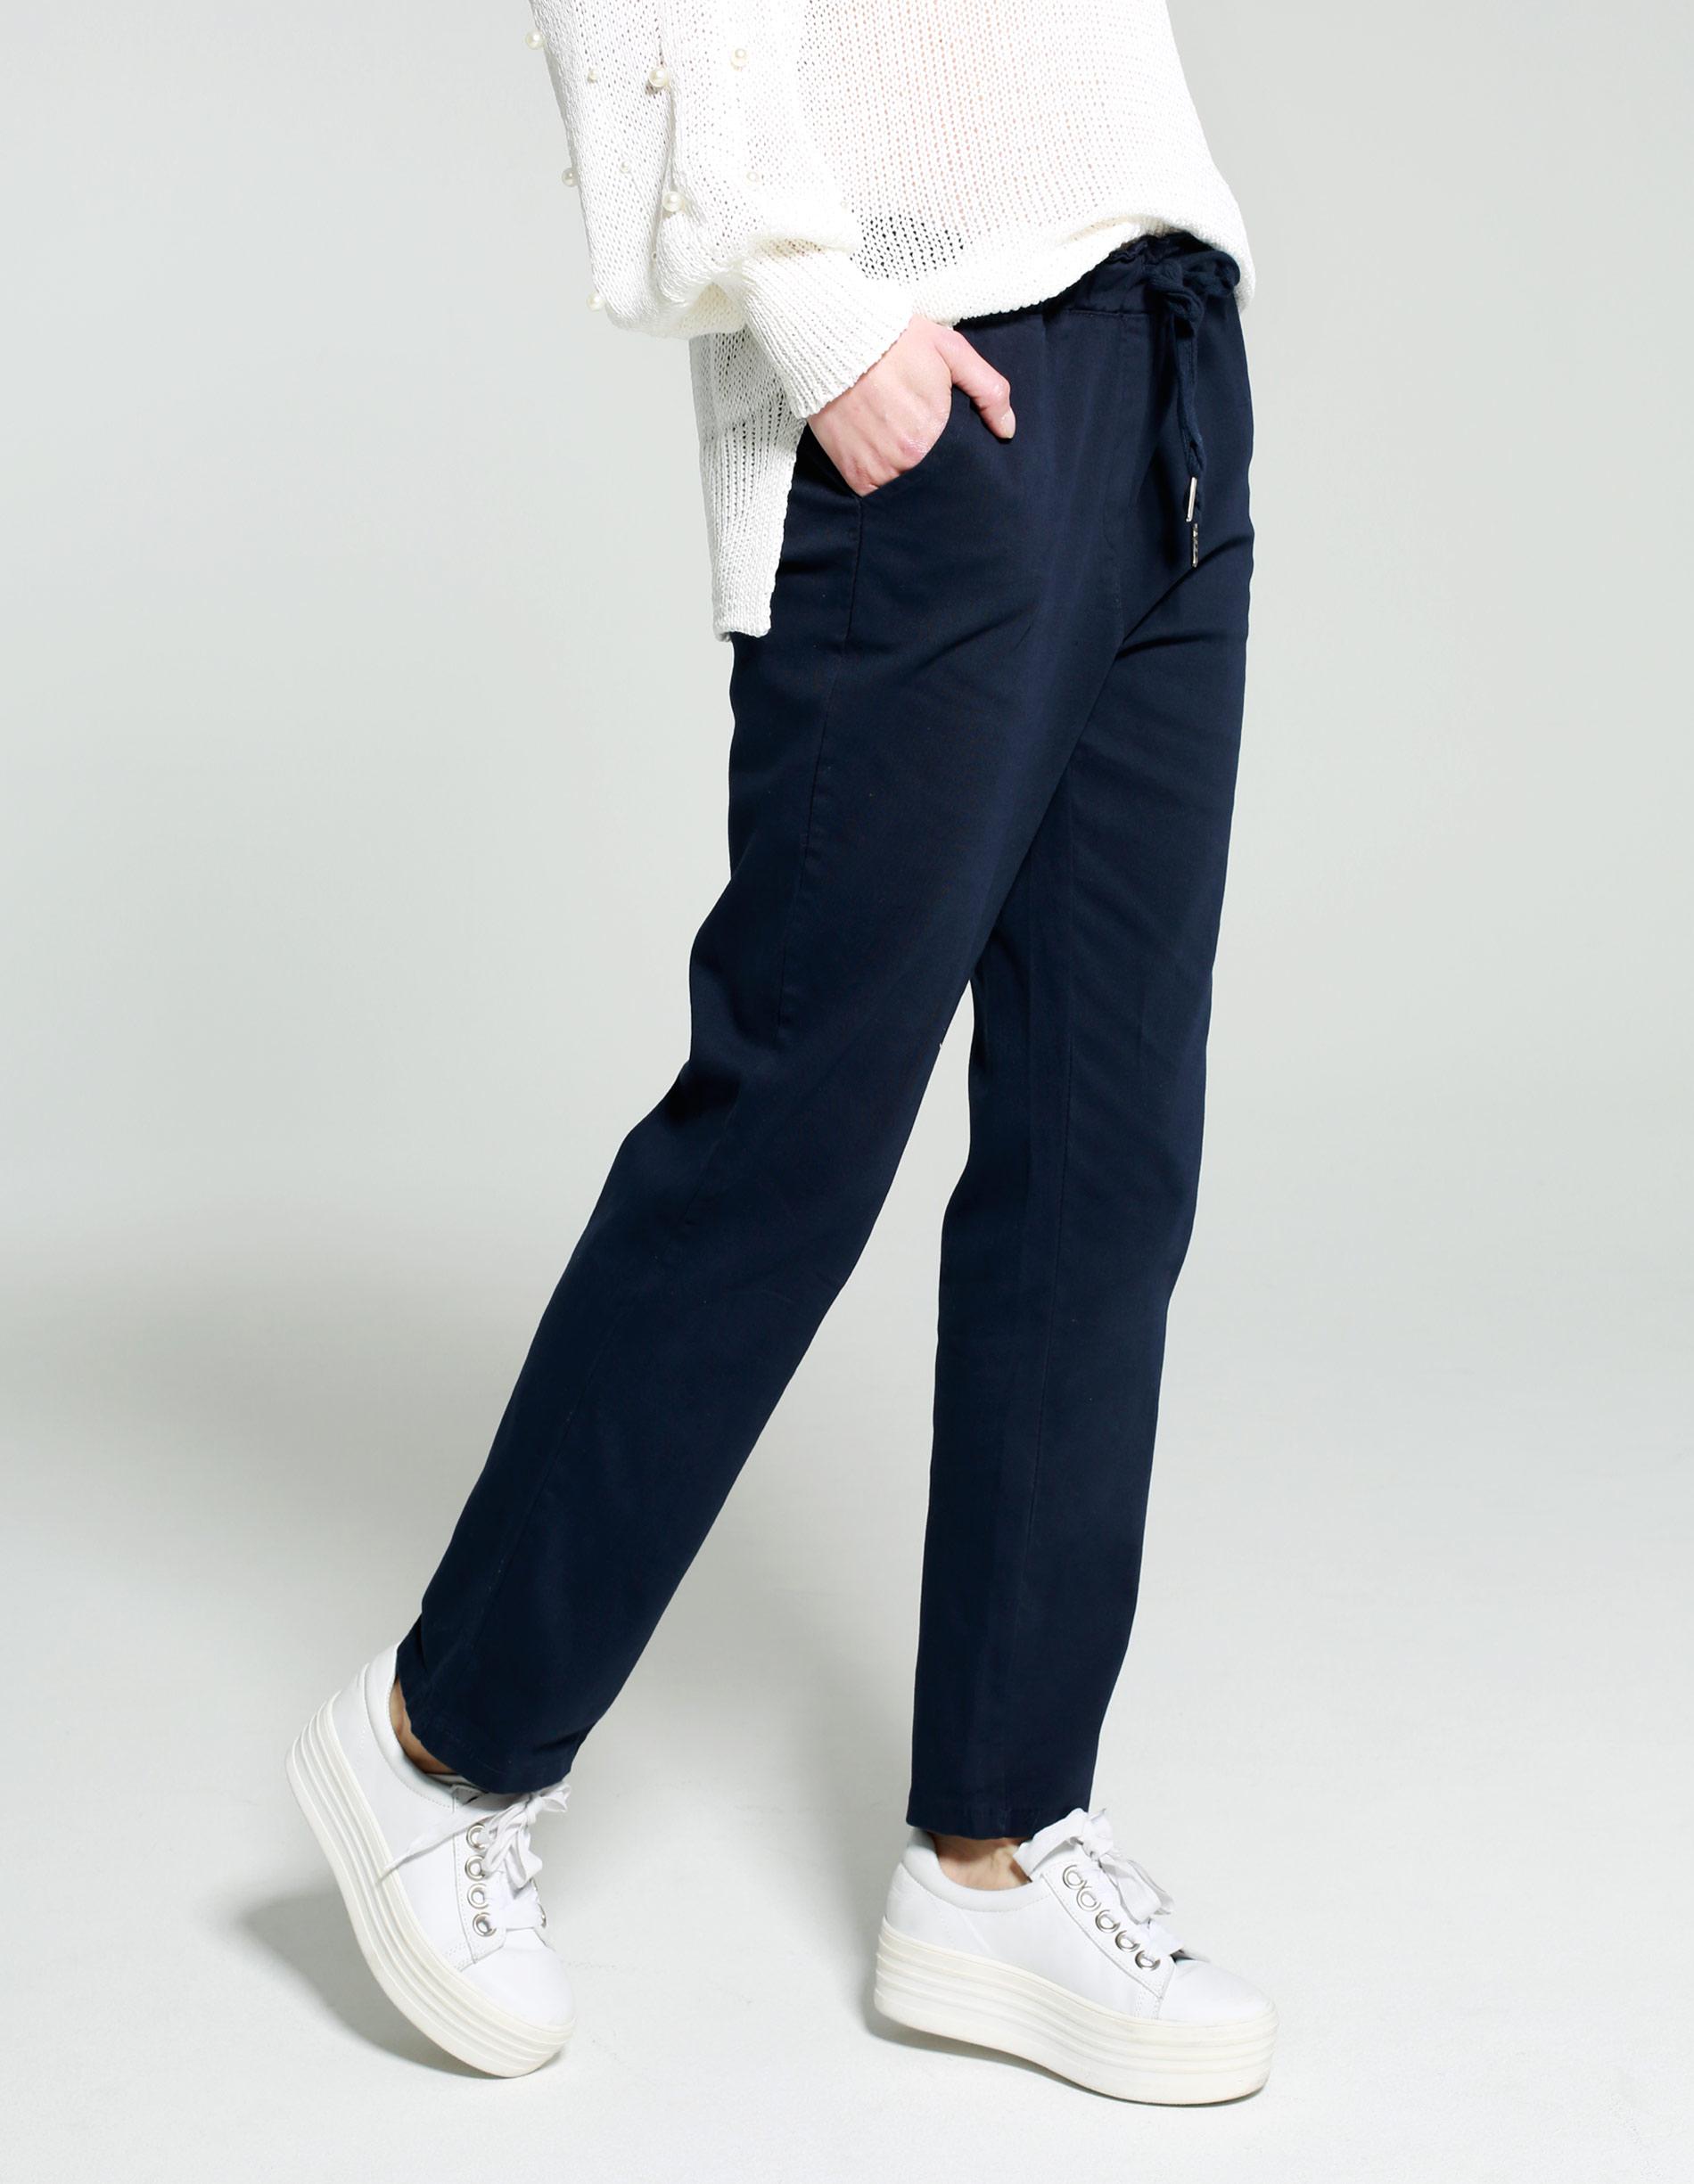 Spodnie - 21-3042 BL SC - Unisono